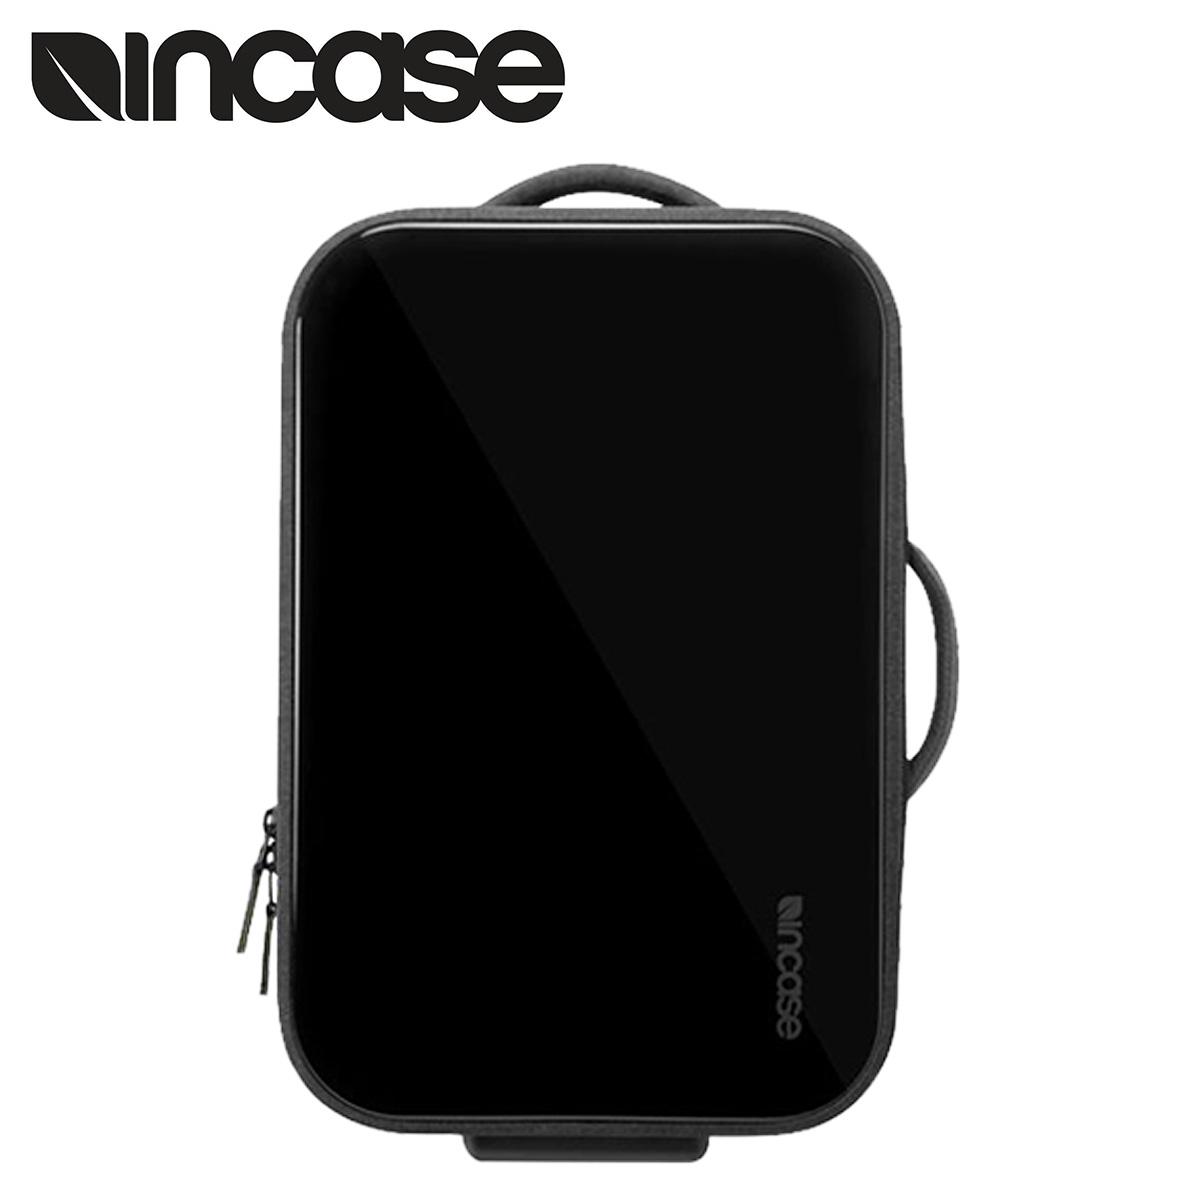 INCASE EO TRAVEL HARDSHELL ROLLER インケース キャリーバッグ スーツケース キャリーケース CL90001 ブラック メンズ